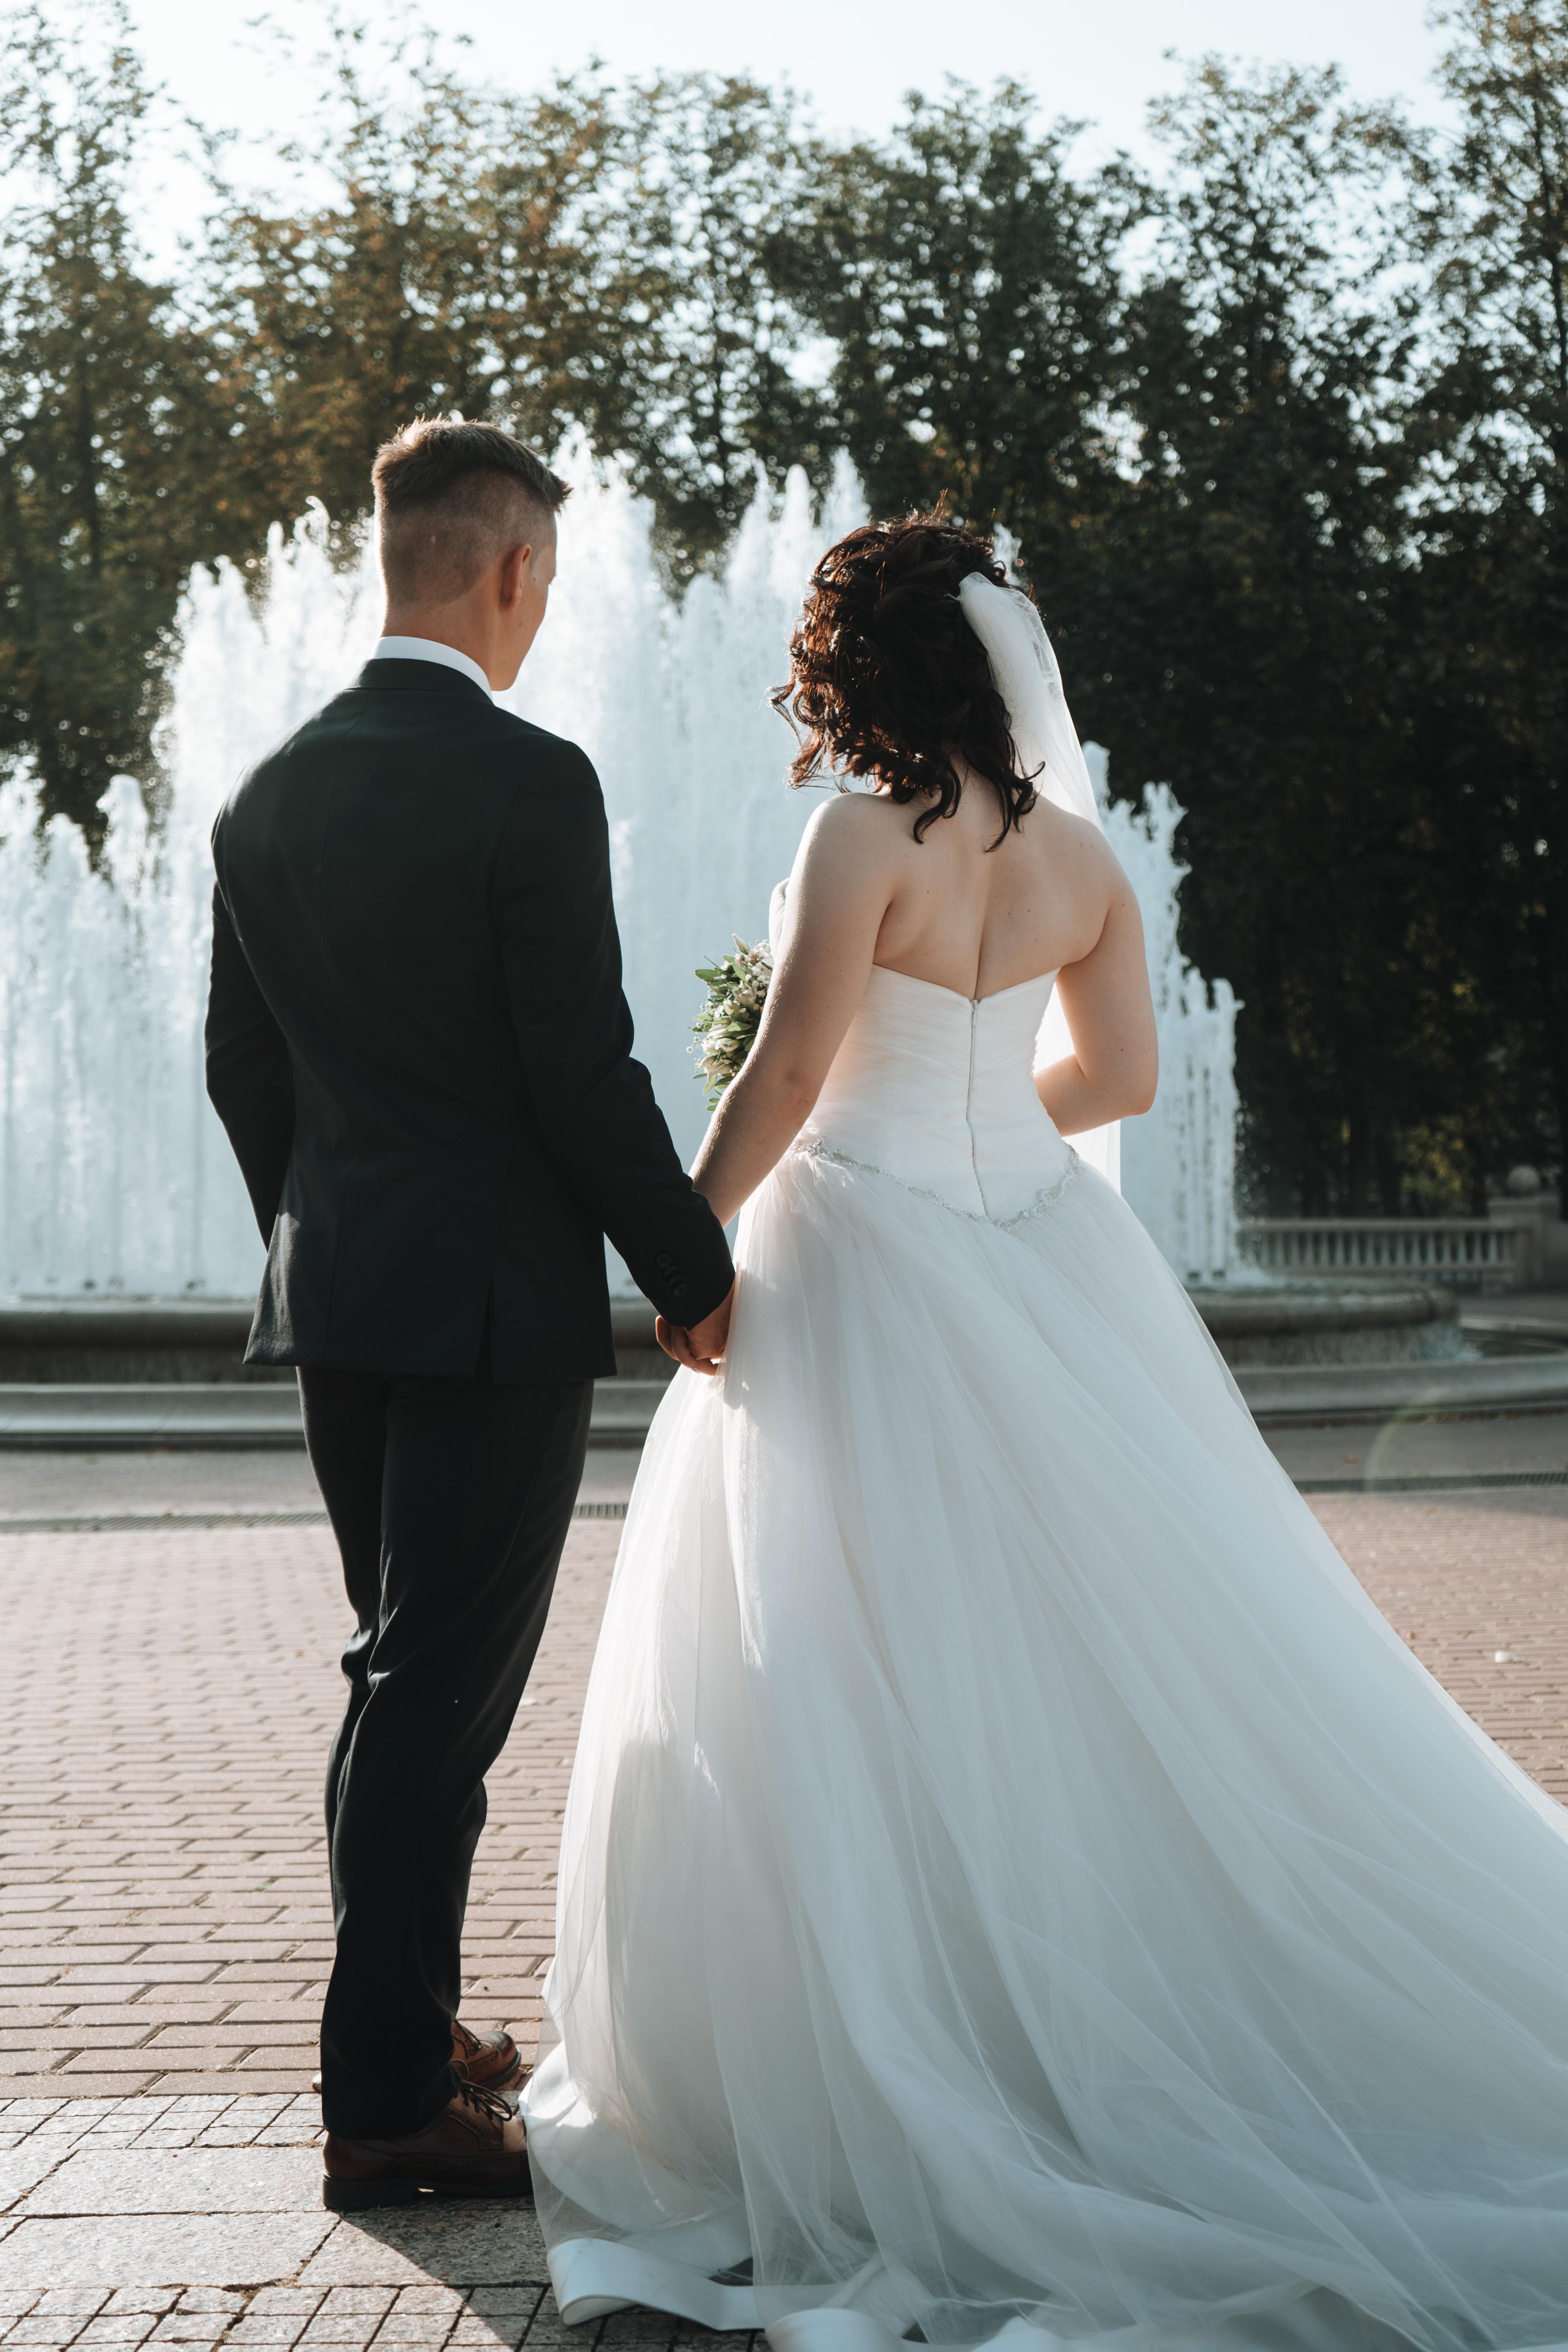 menyasszonyok a szeretet és a boldogság